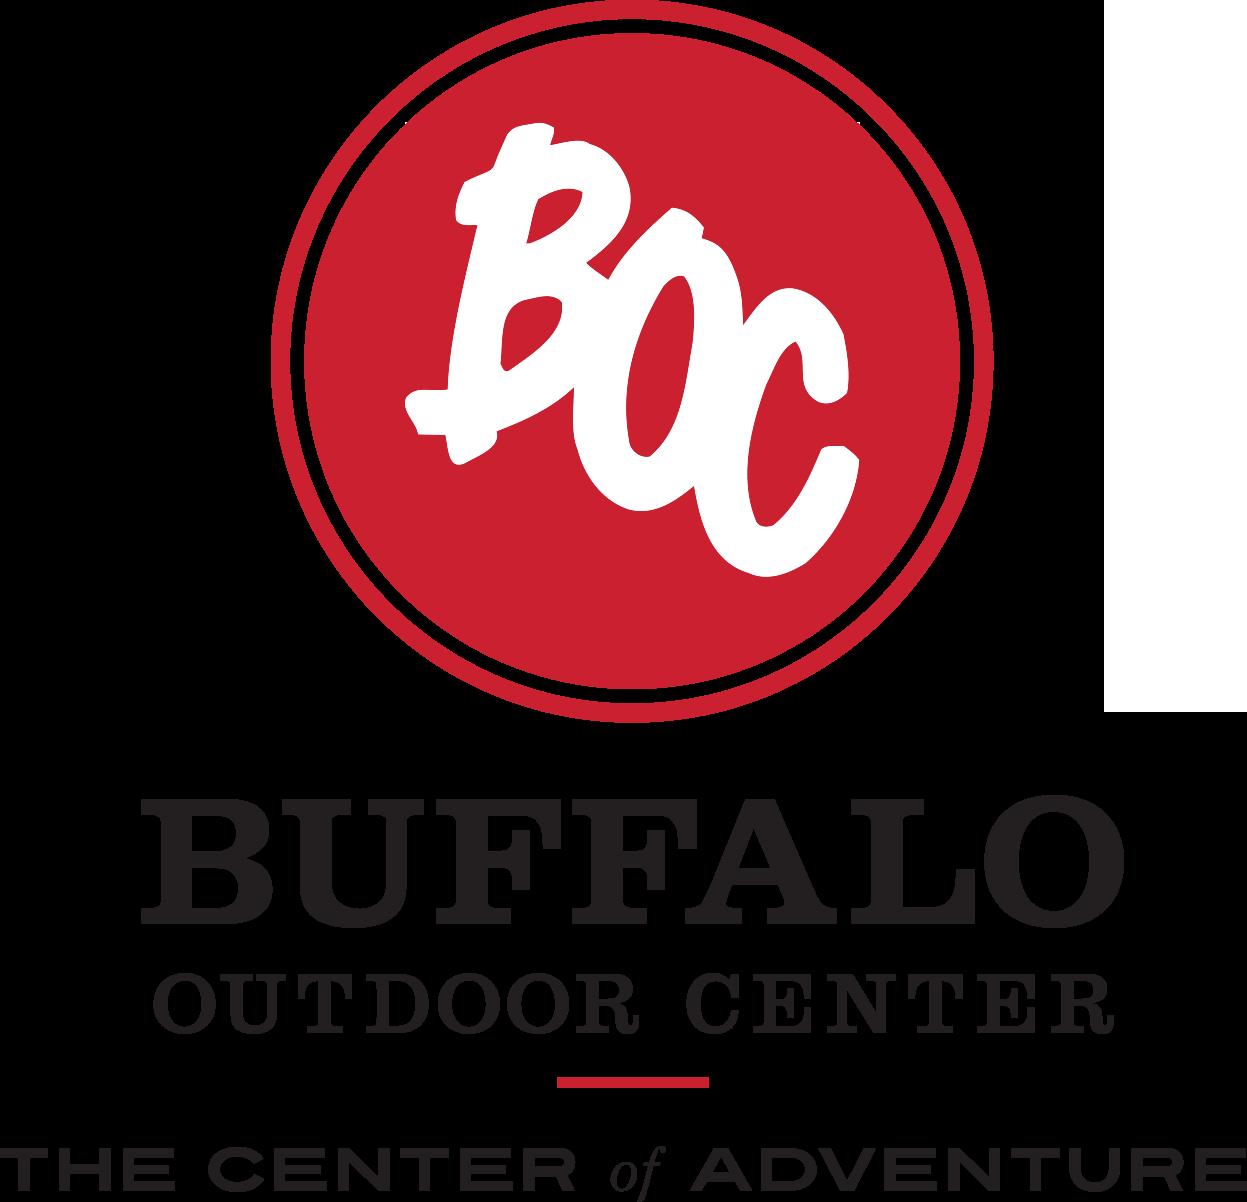 Buffalo Outdoor Center